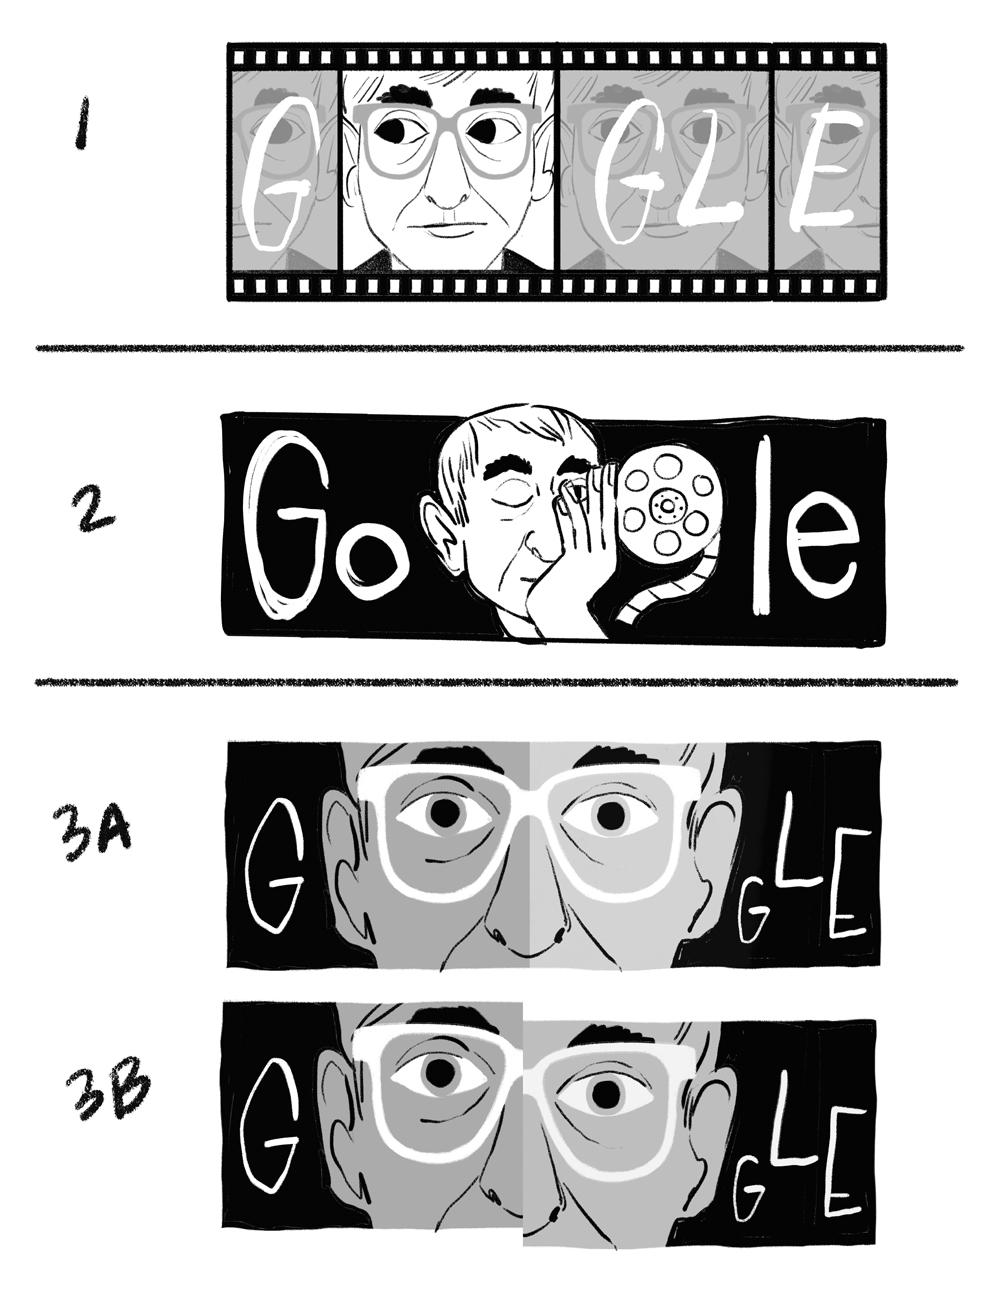 Bản nháp đầu tiên của Doodle - Logo Google 27/06/2021